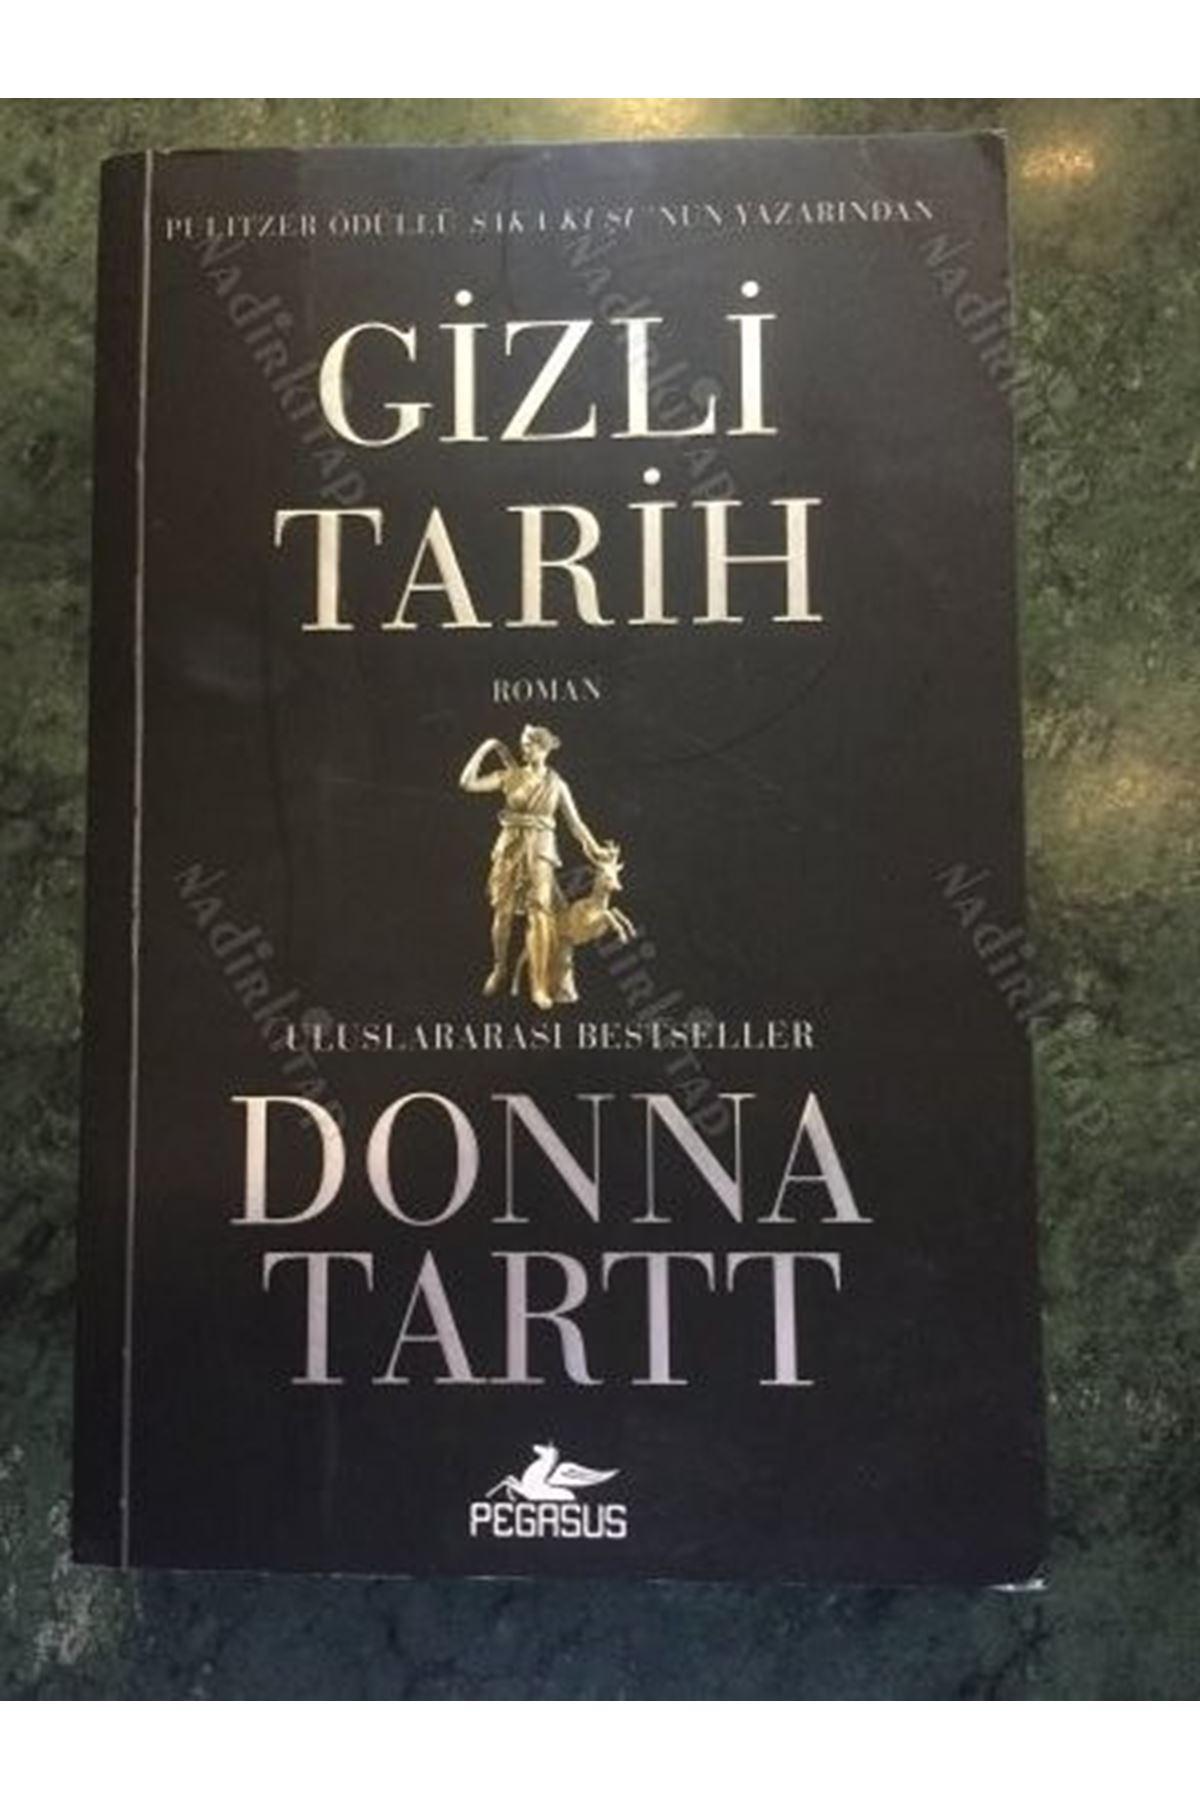 DONNA TARTT - GİZLİ TARİH